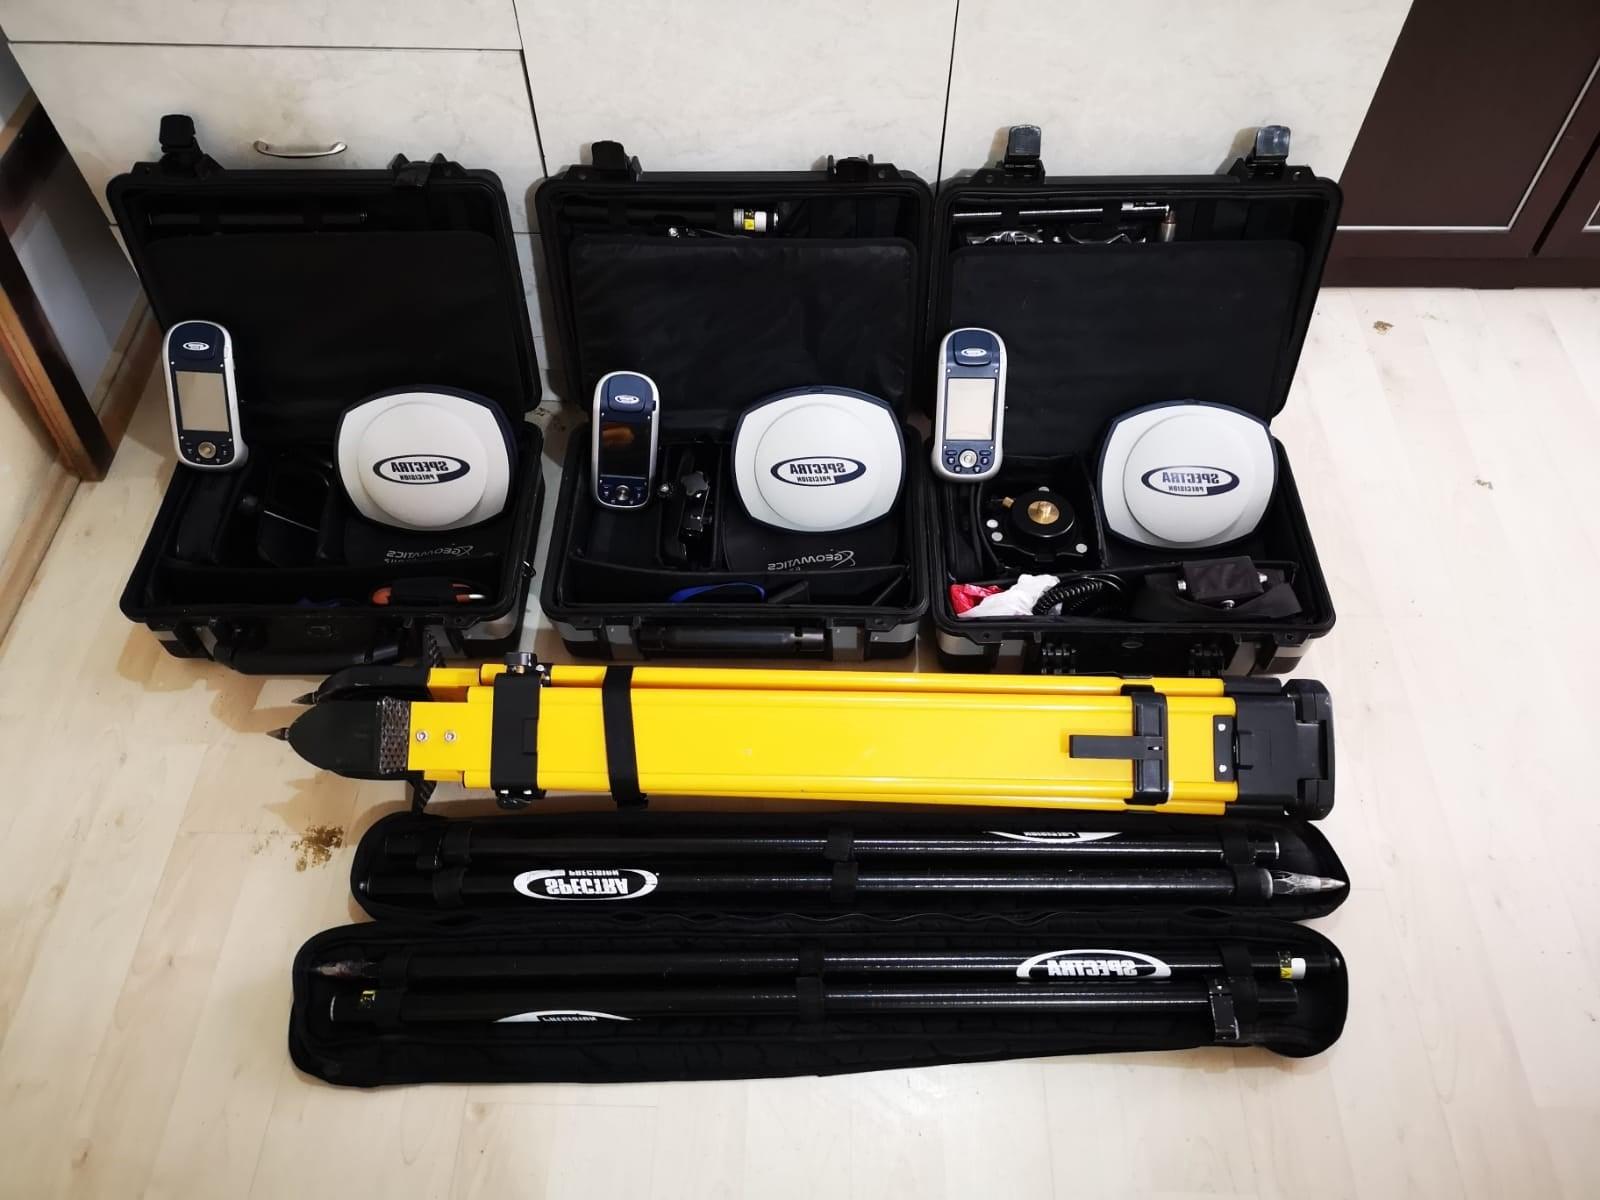 Kiralık Ölçüm Cihazı Gps Sp80 3 Lü Set